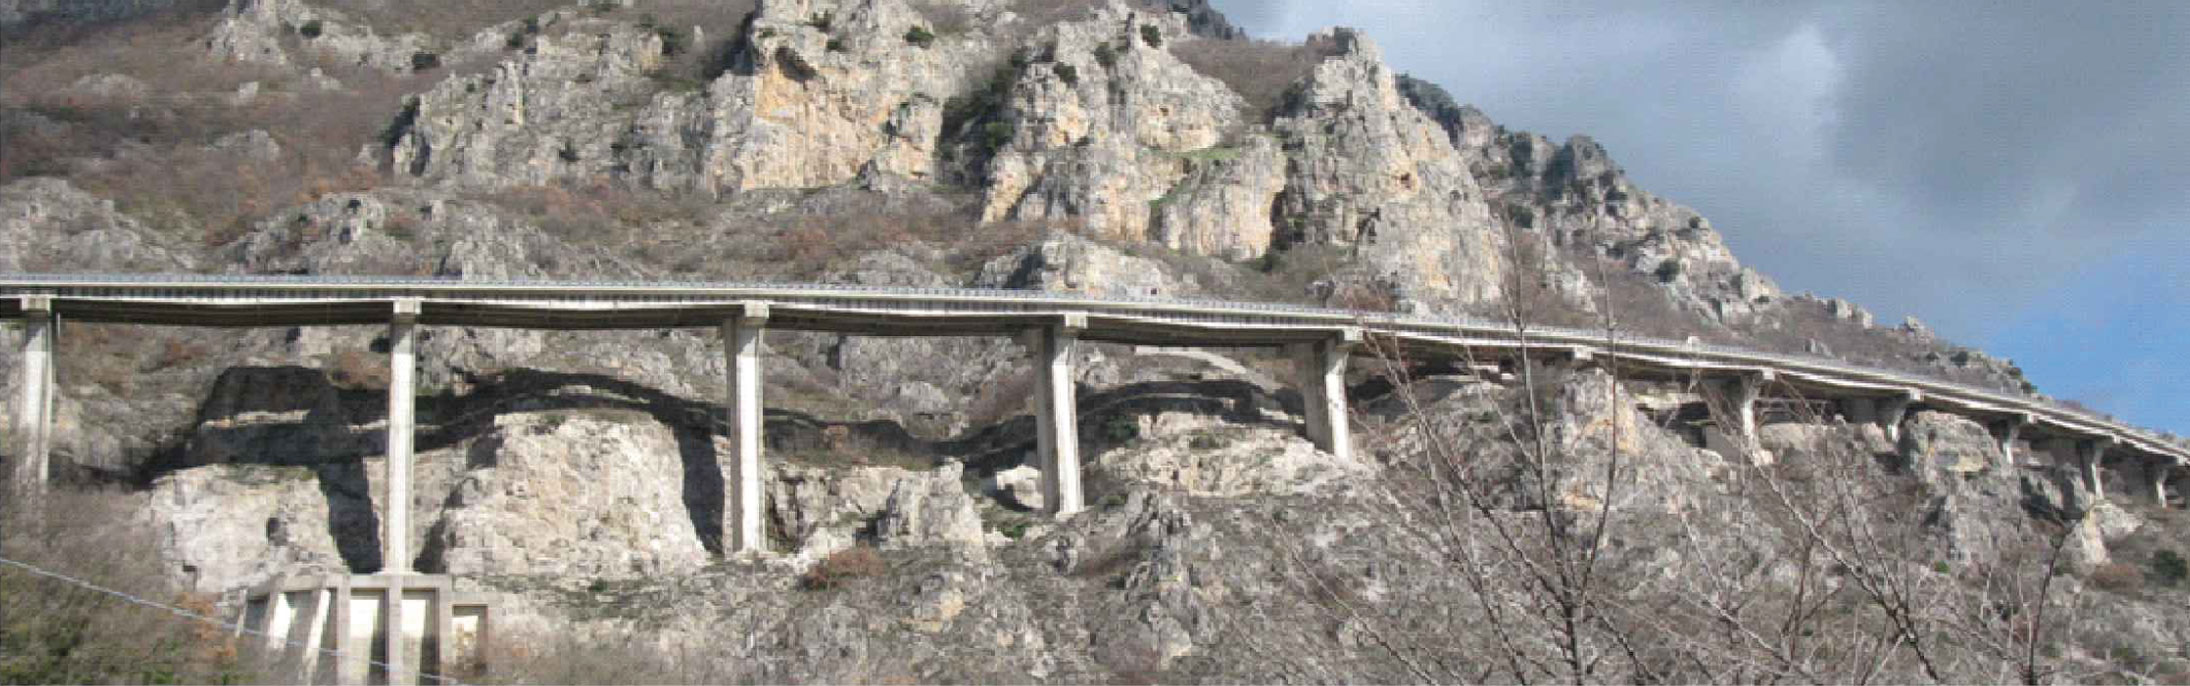 Viadotti di Pietrastretta - Vietri di Potenza